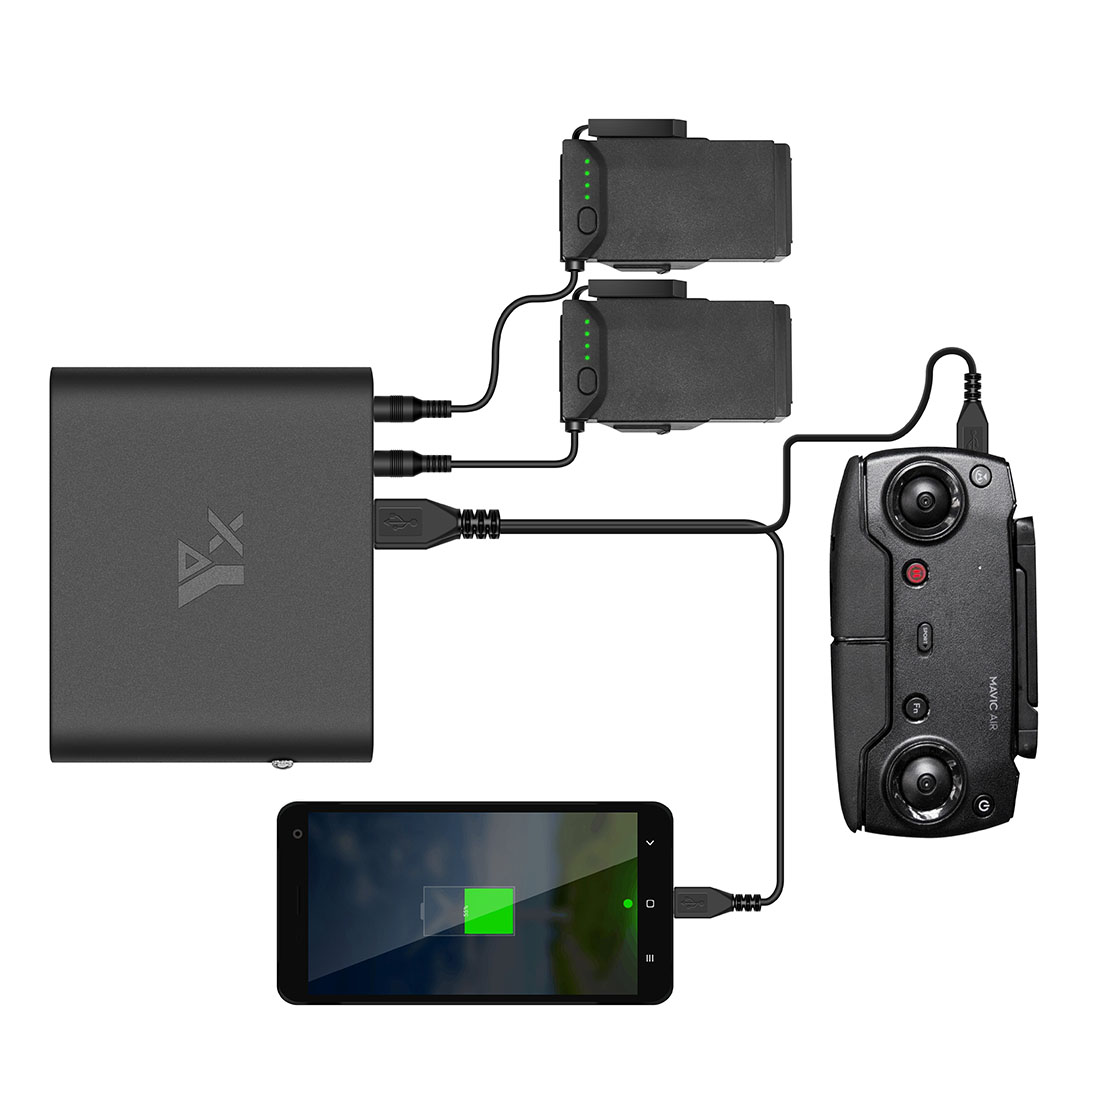 HOBBYINRC 4in1 Power Bank Mobile Power Transverter Outdoor Charger for DJI Tello Drone for National Standard